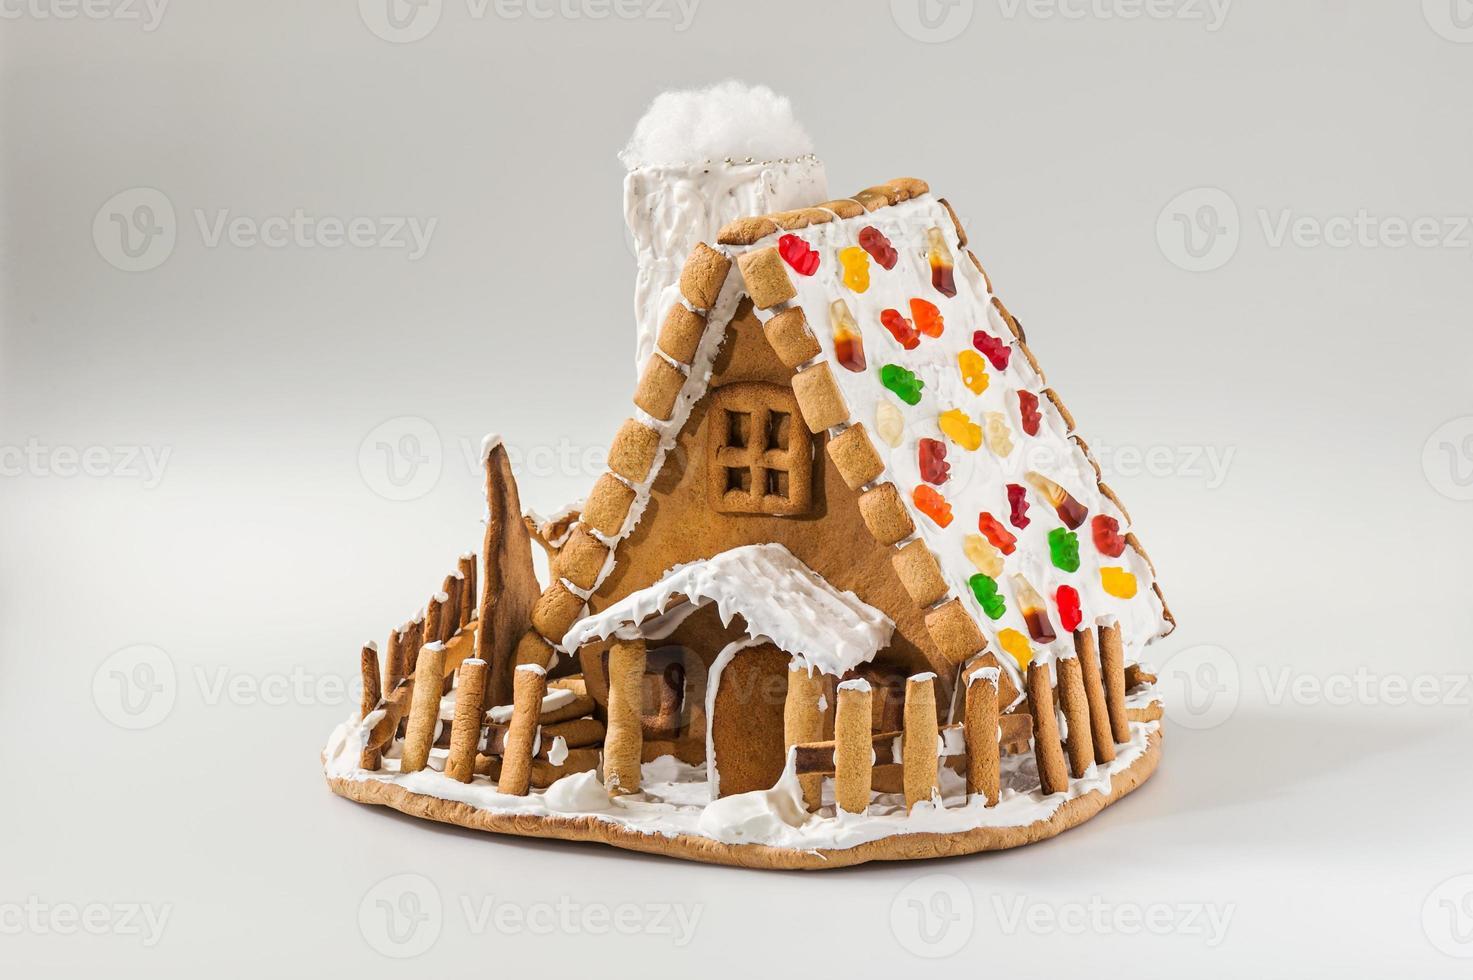 Weihnachts Lebkuchenhaus foto